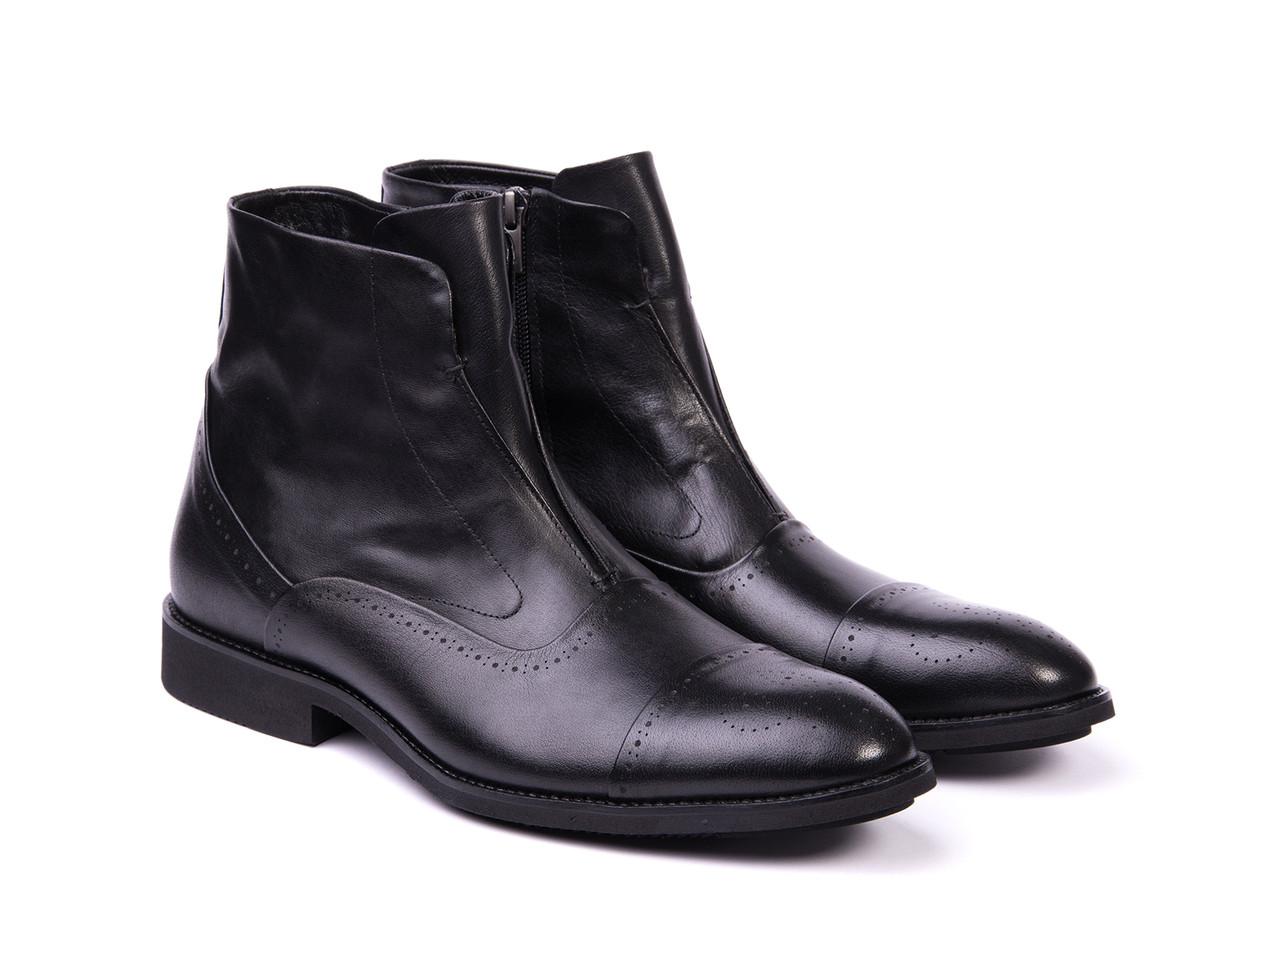 Ботинки  Etor 12096-7305-02 черные